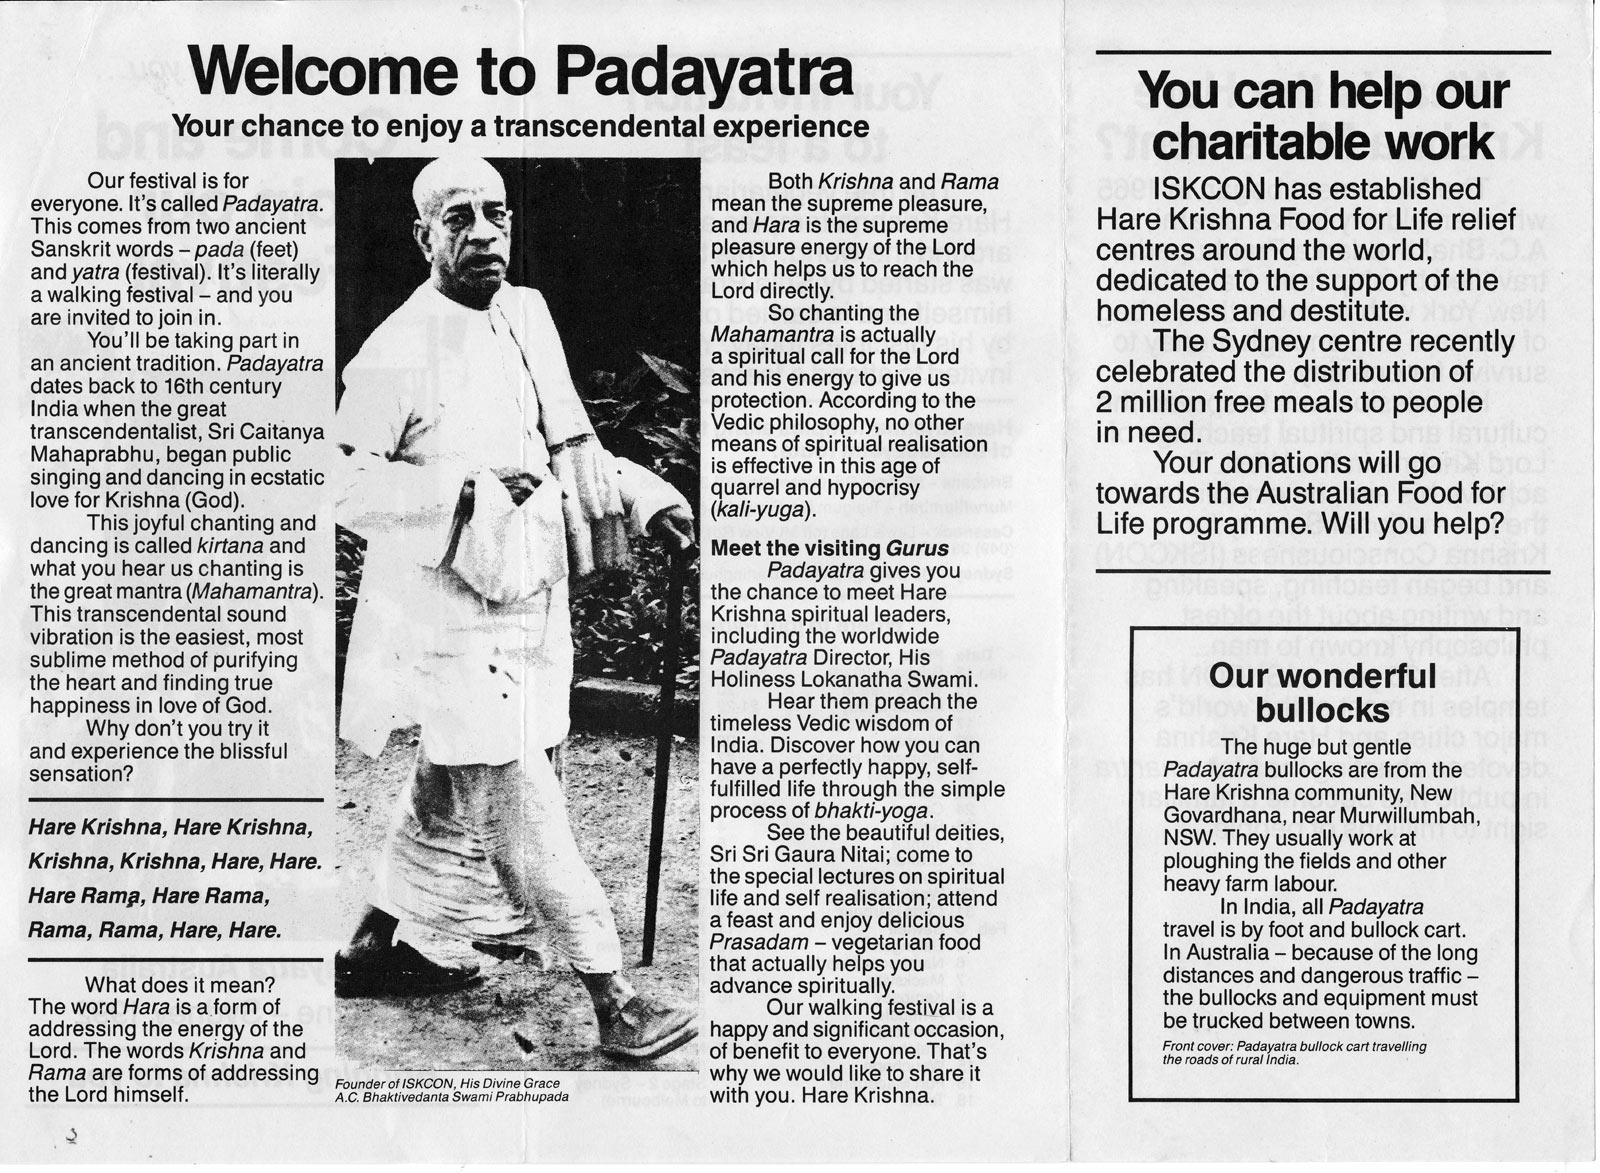 Manual - 1st part - ISKCON PadayatraISKCON Padayatra